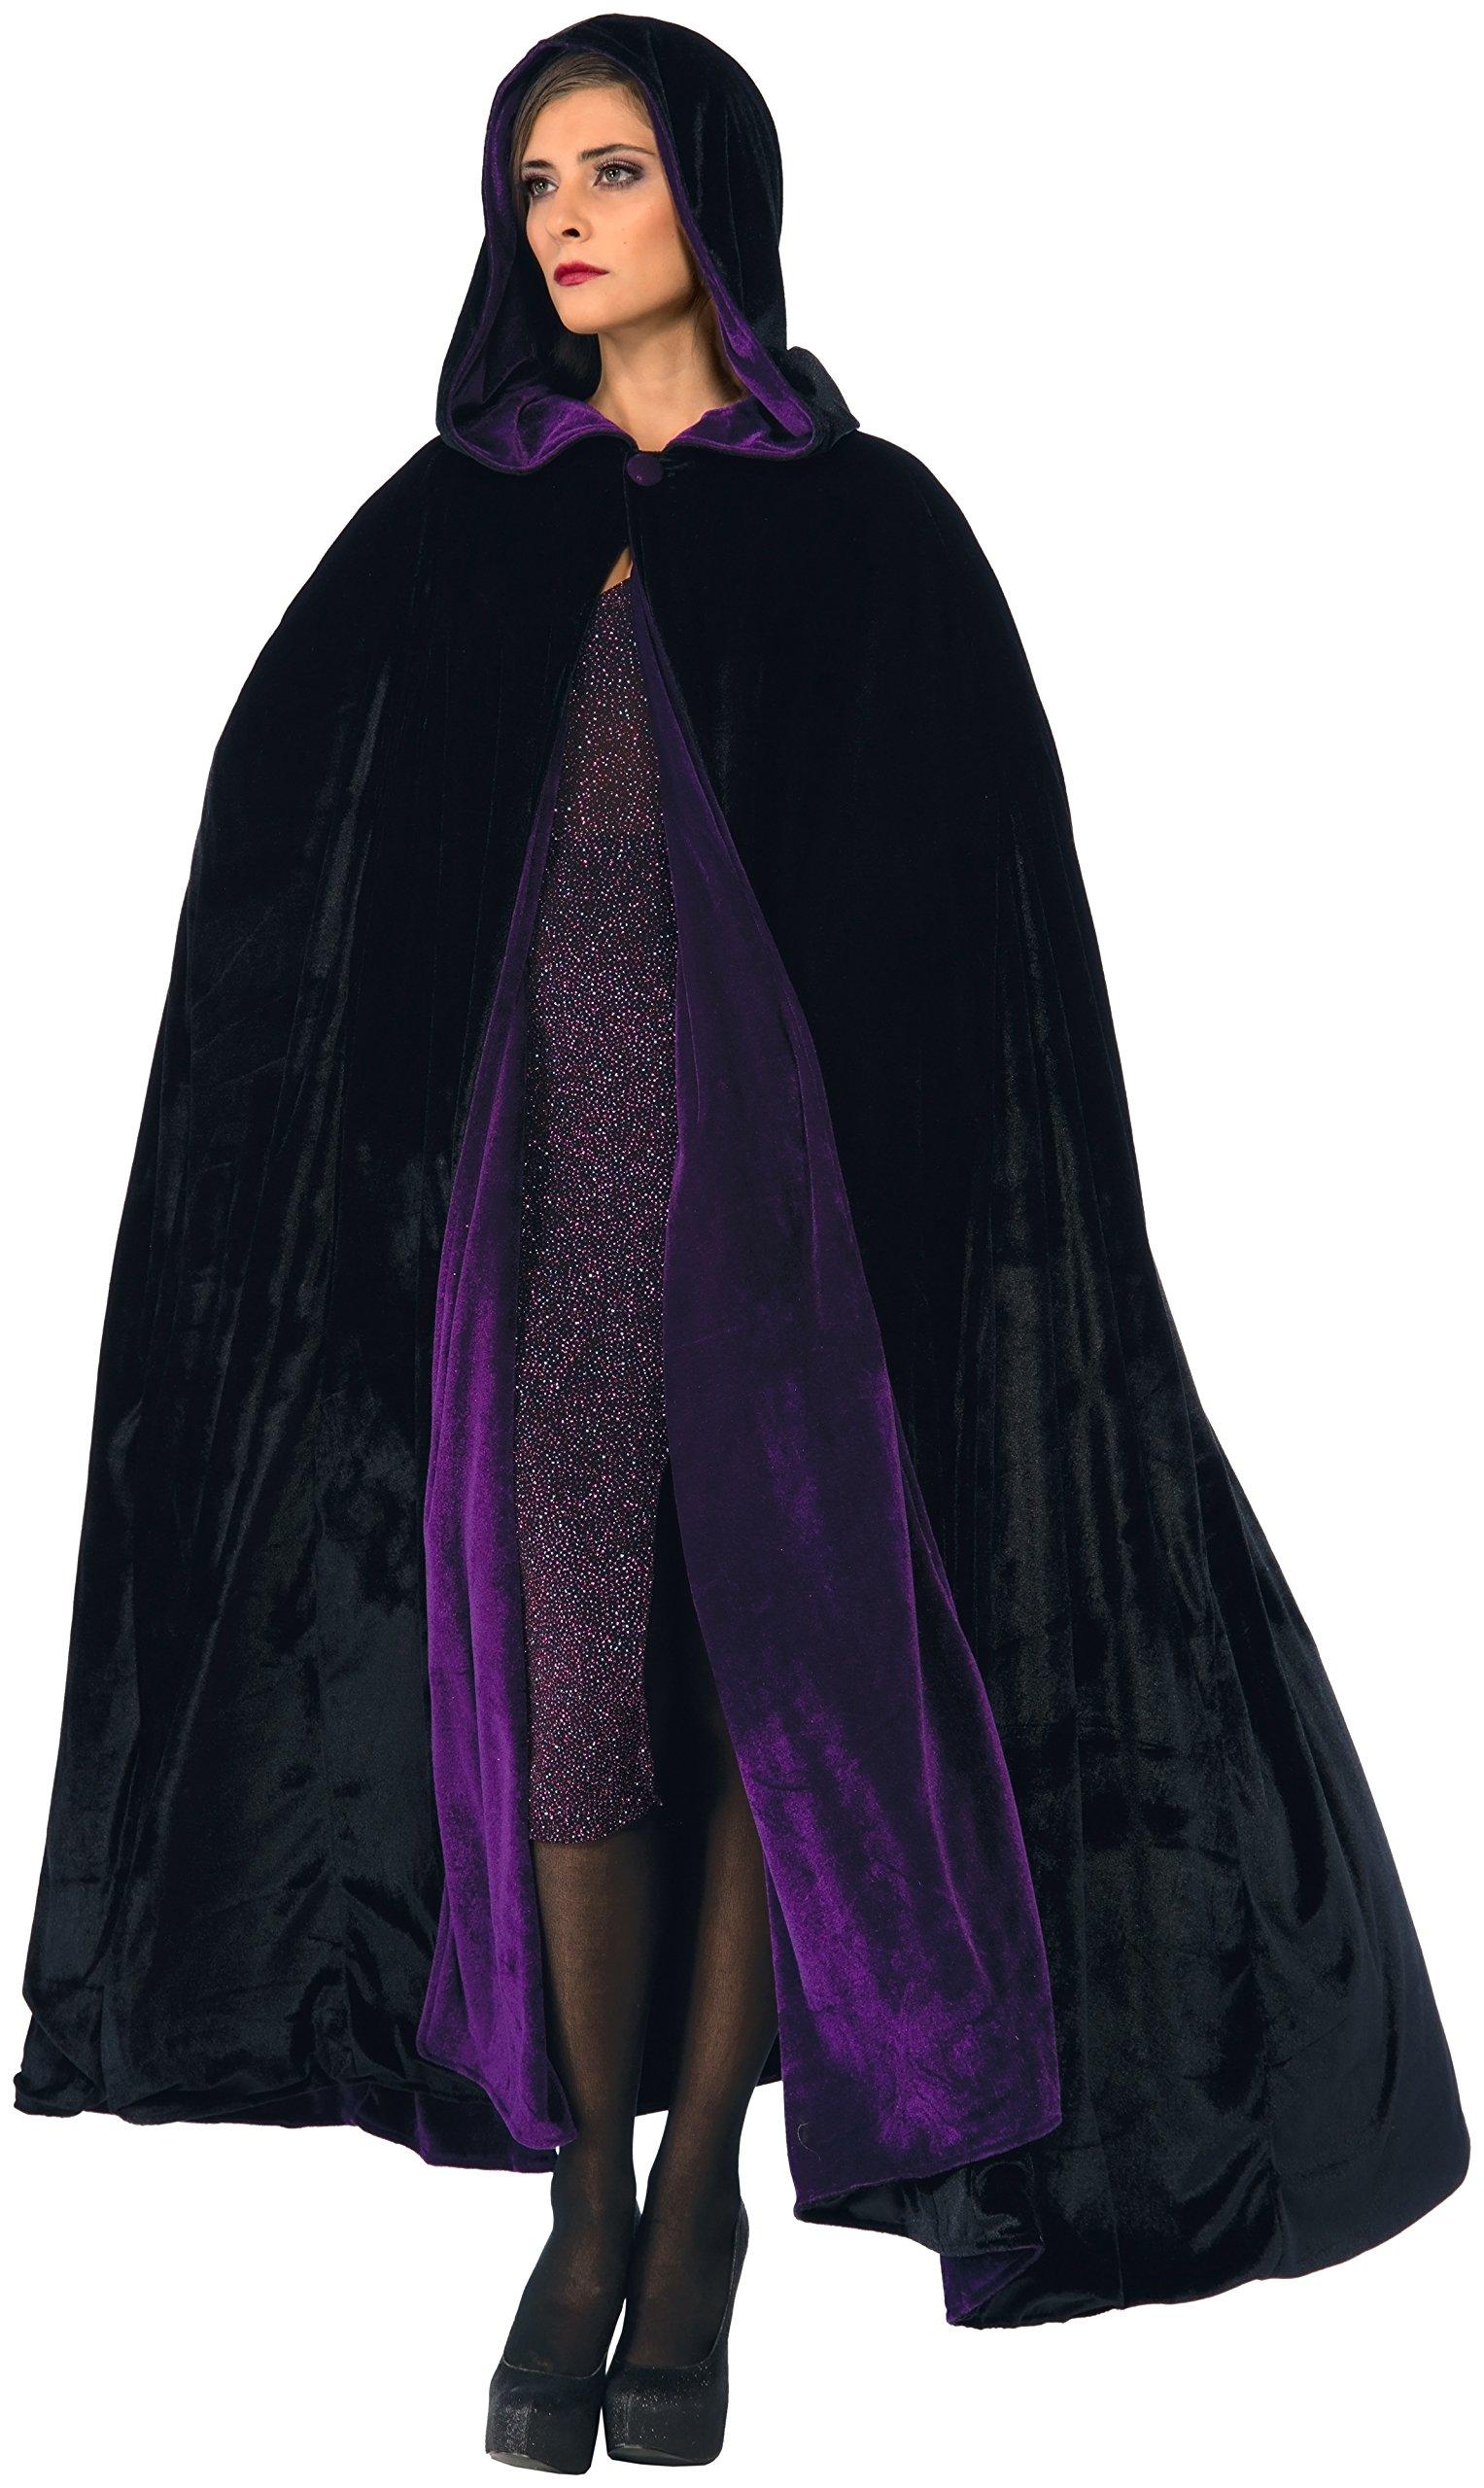 Forum Novelties Purple Black Reversible Hooded Velvet Cloak